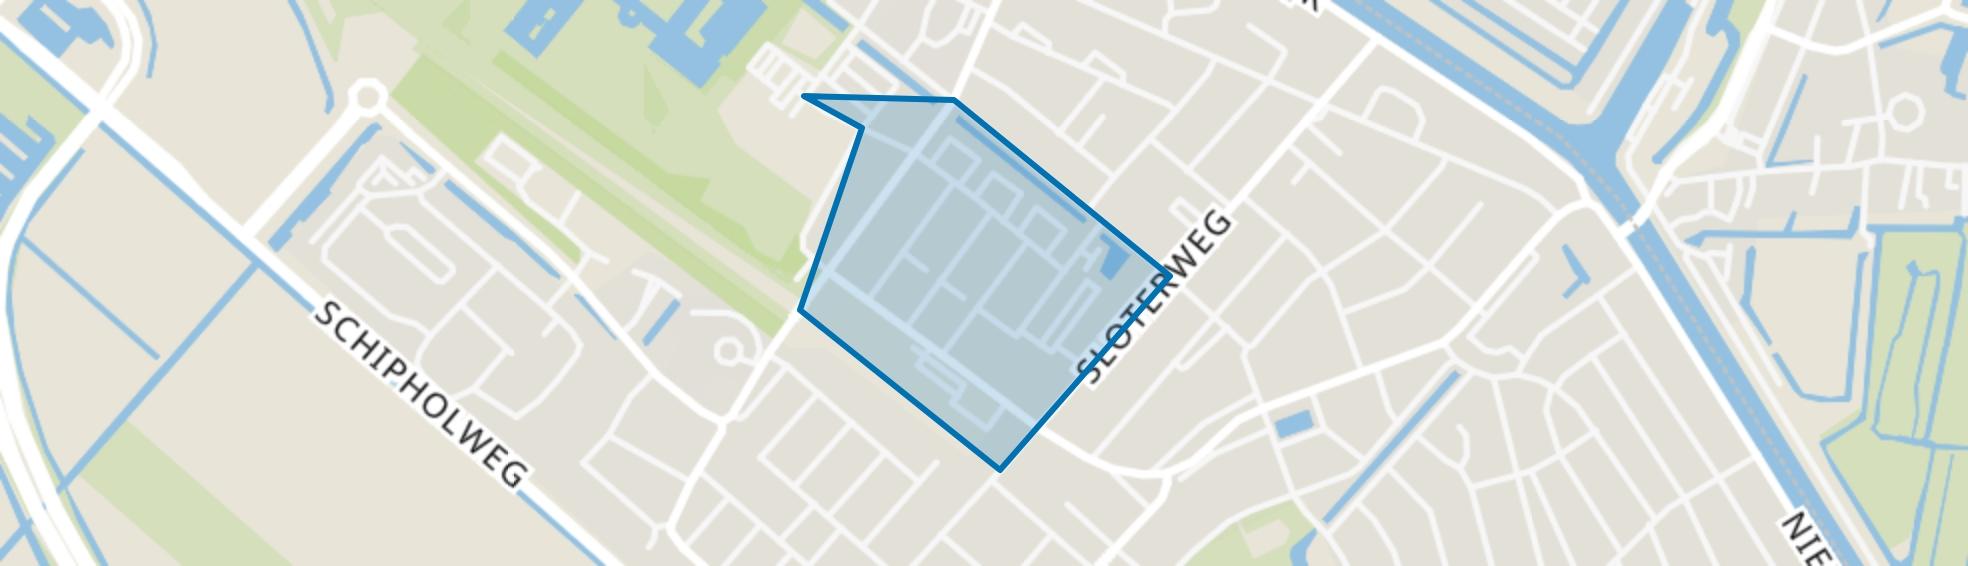 Badhoevedorp West, Badhoevedorp map